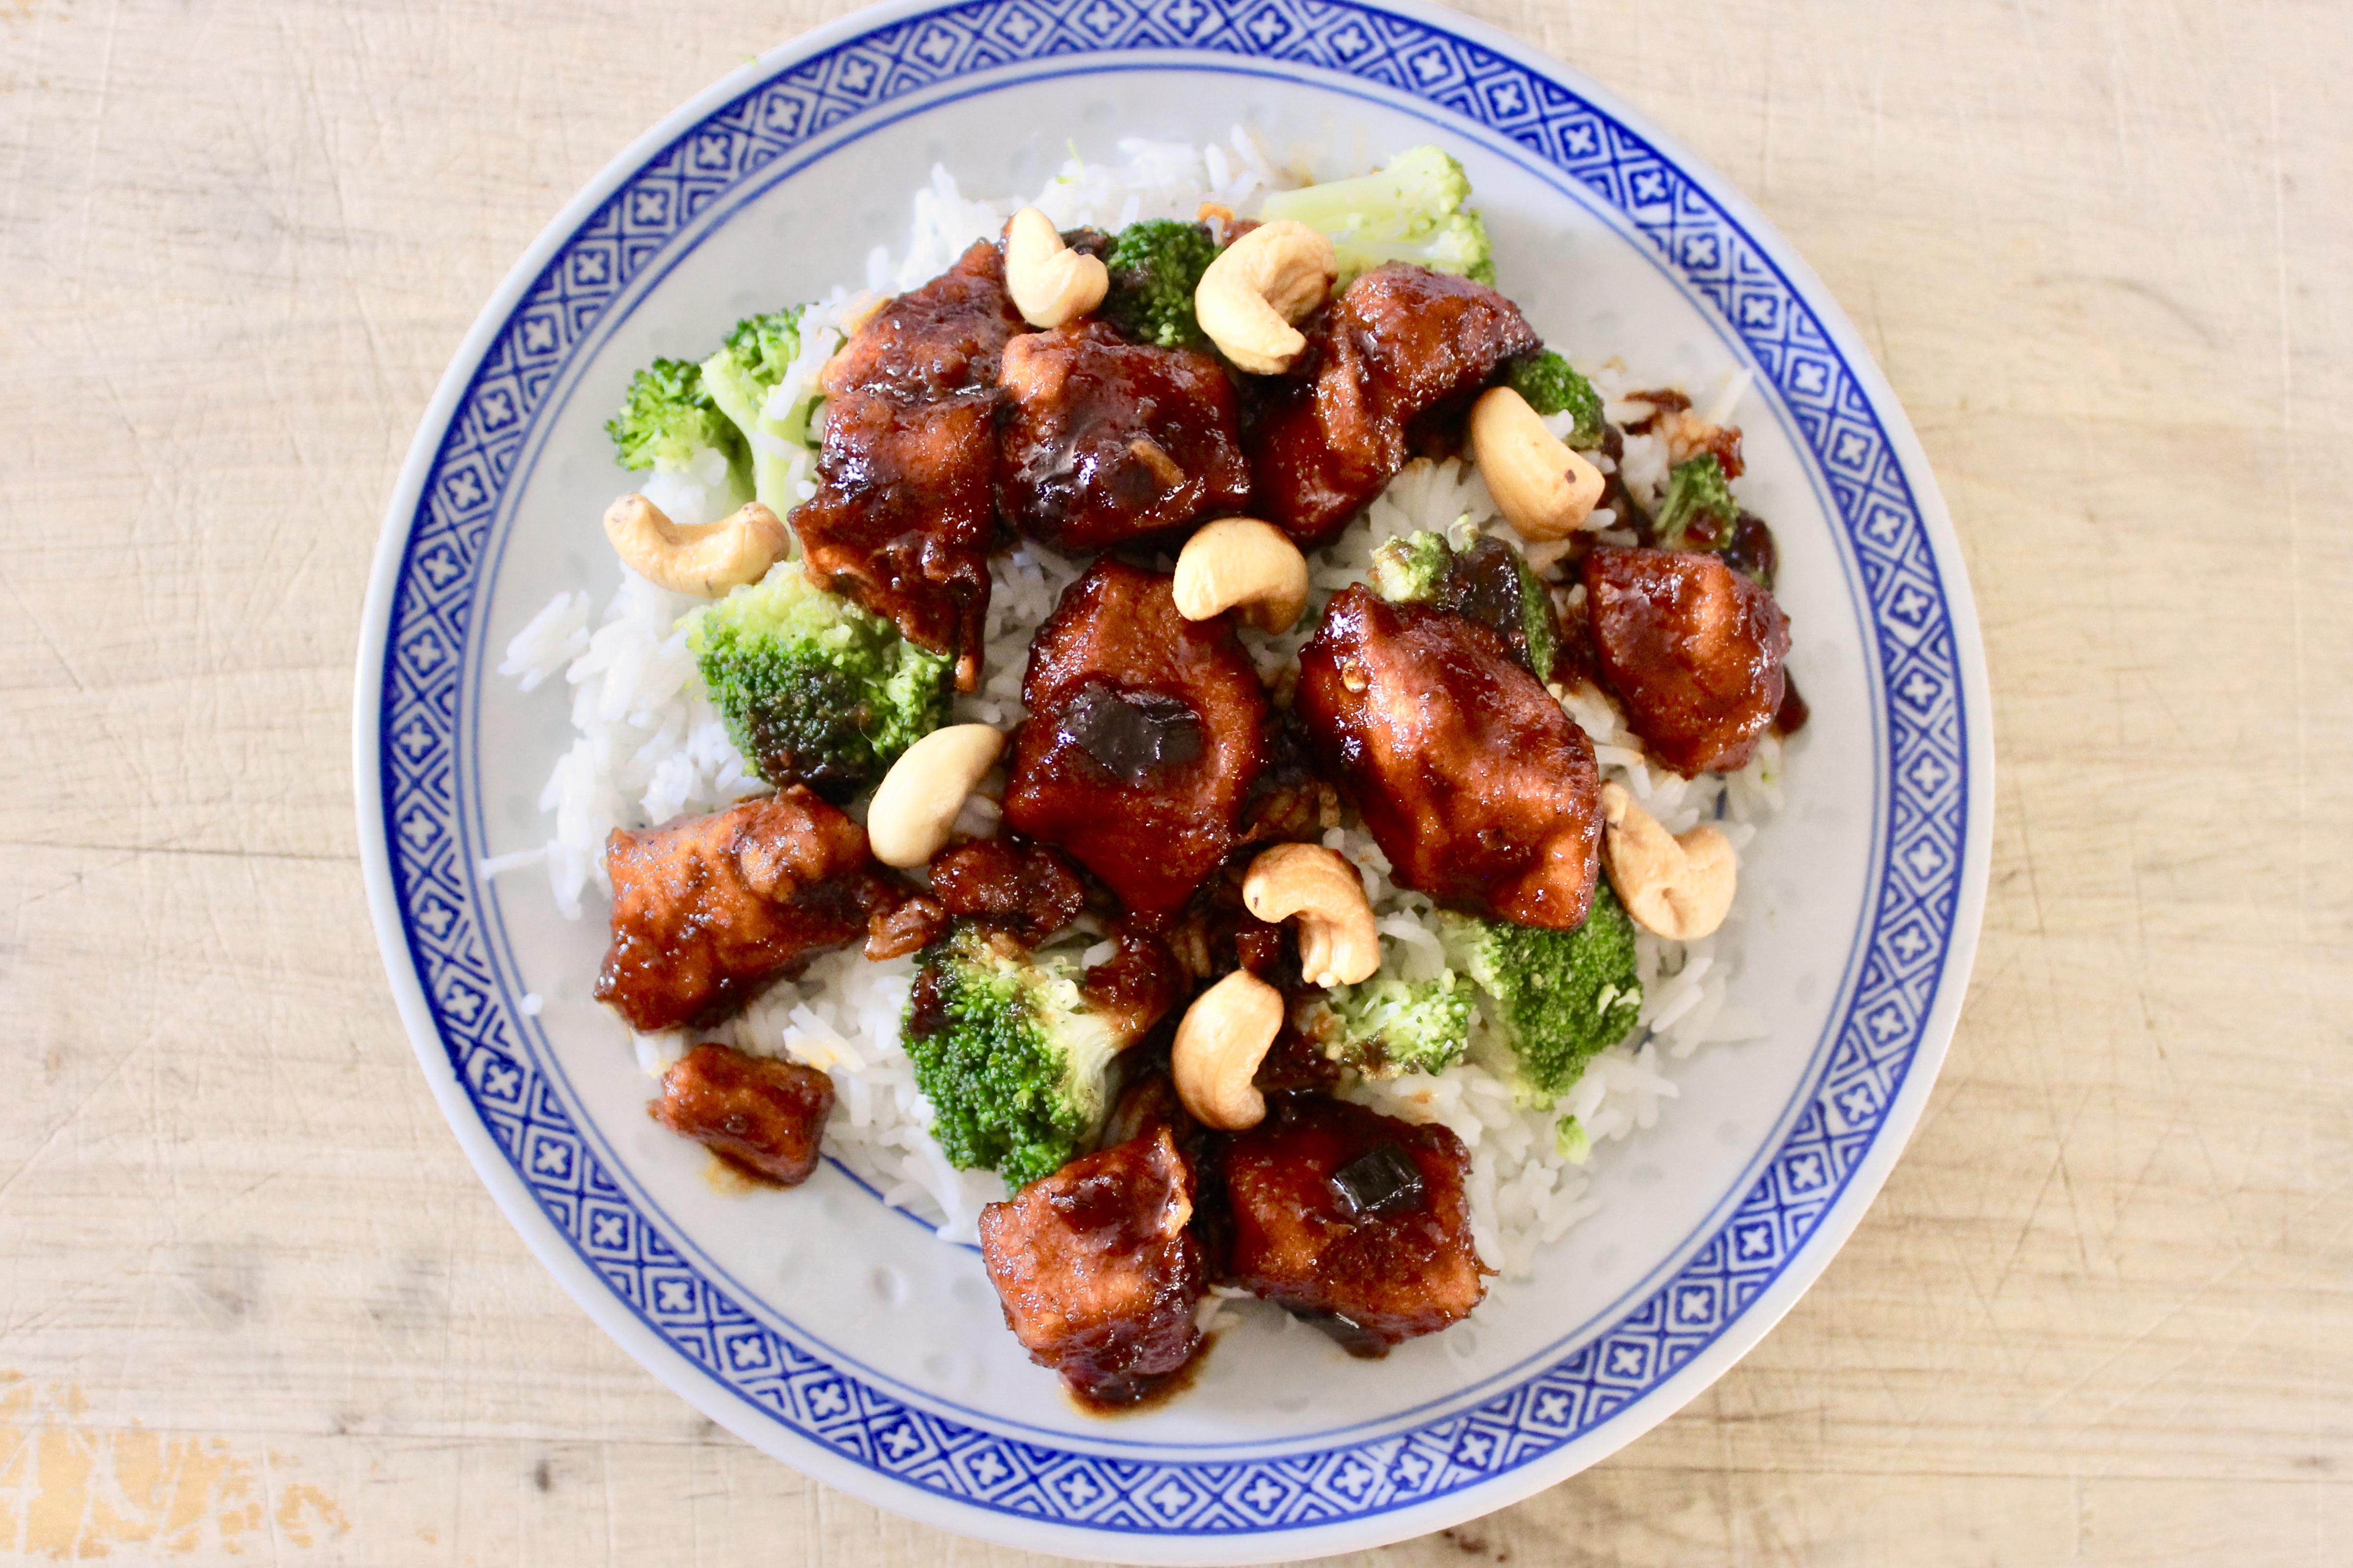 Slow-Cooked Cashew Chicken SunnyDaysNora